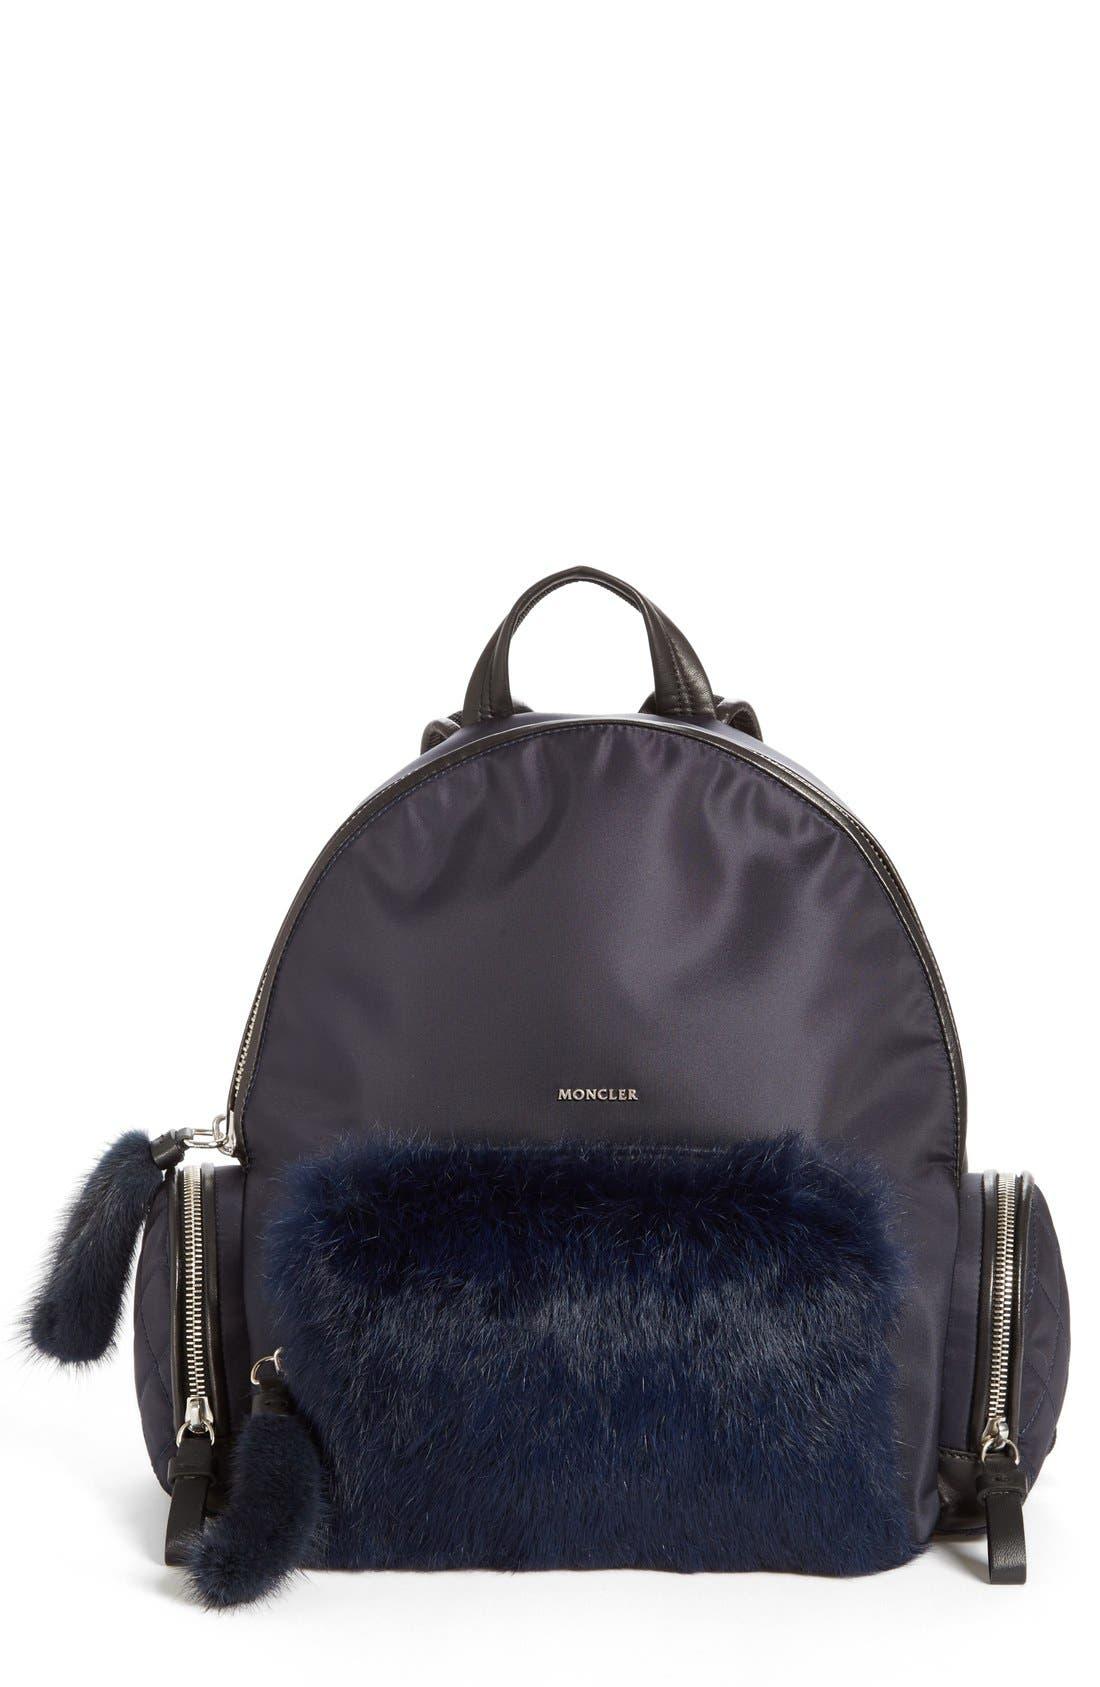 Moncler 'Florine' Genuine Rabbit Fur Trim Backpack